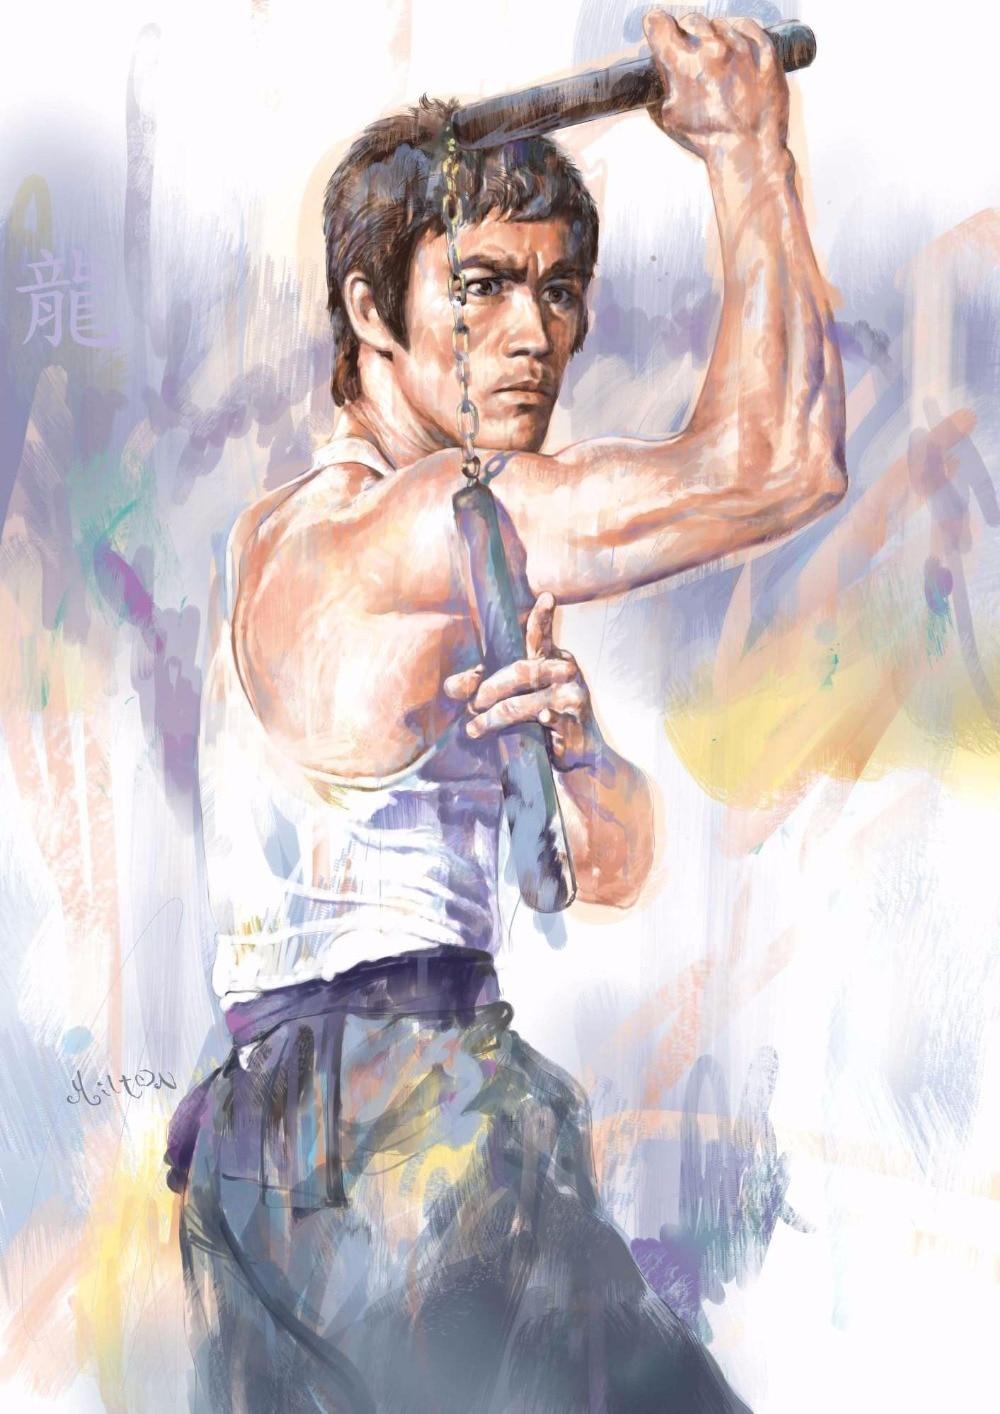 Cool Bruce Lee Art